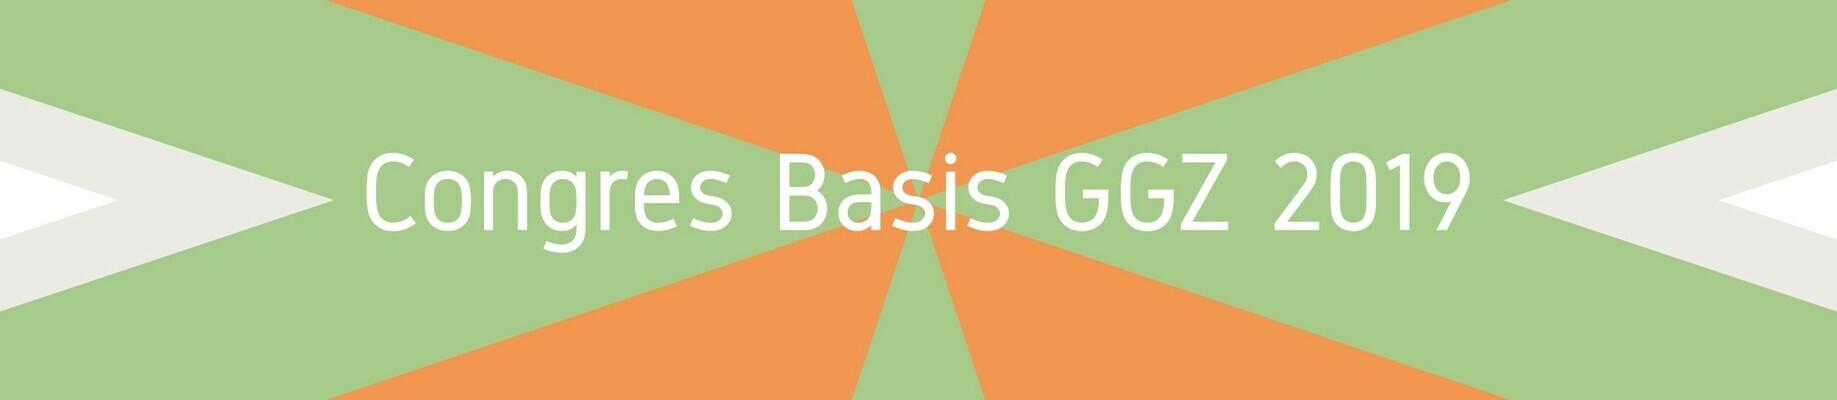 Congres Basis GGZ 2019